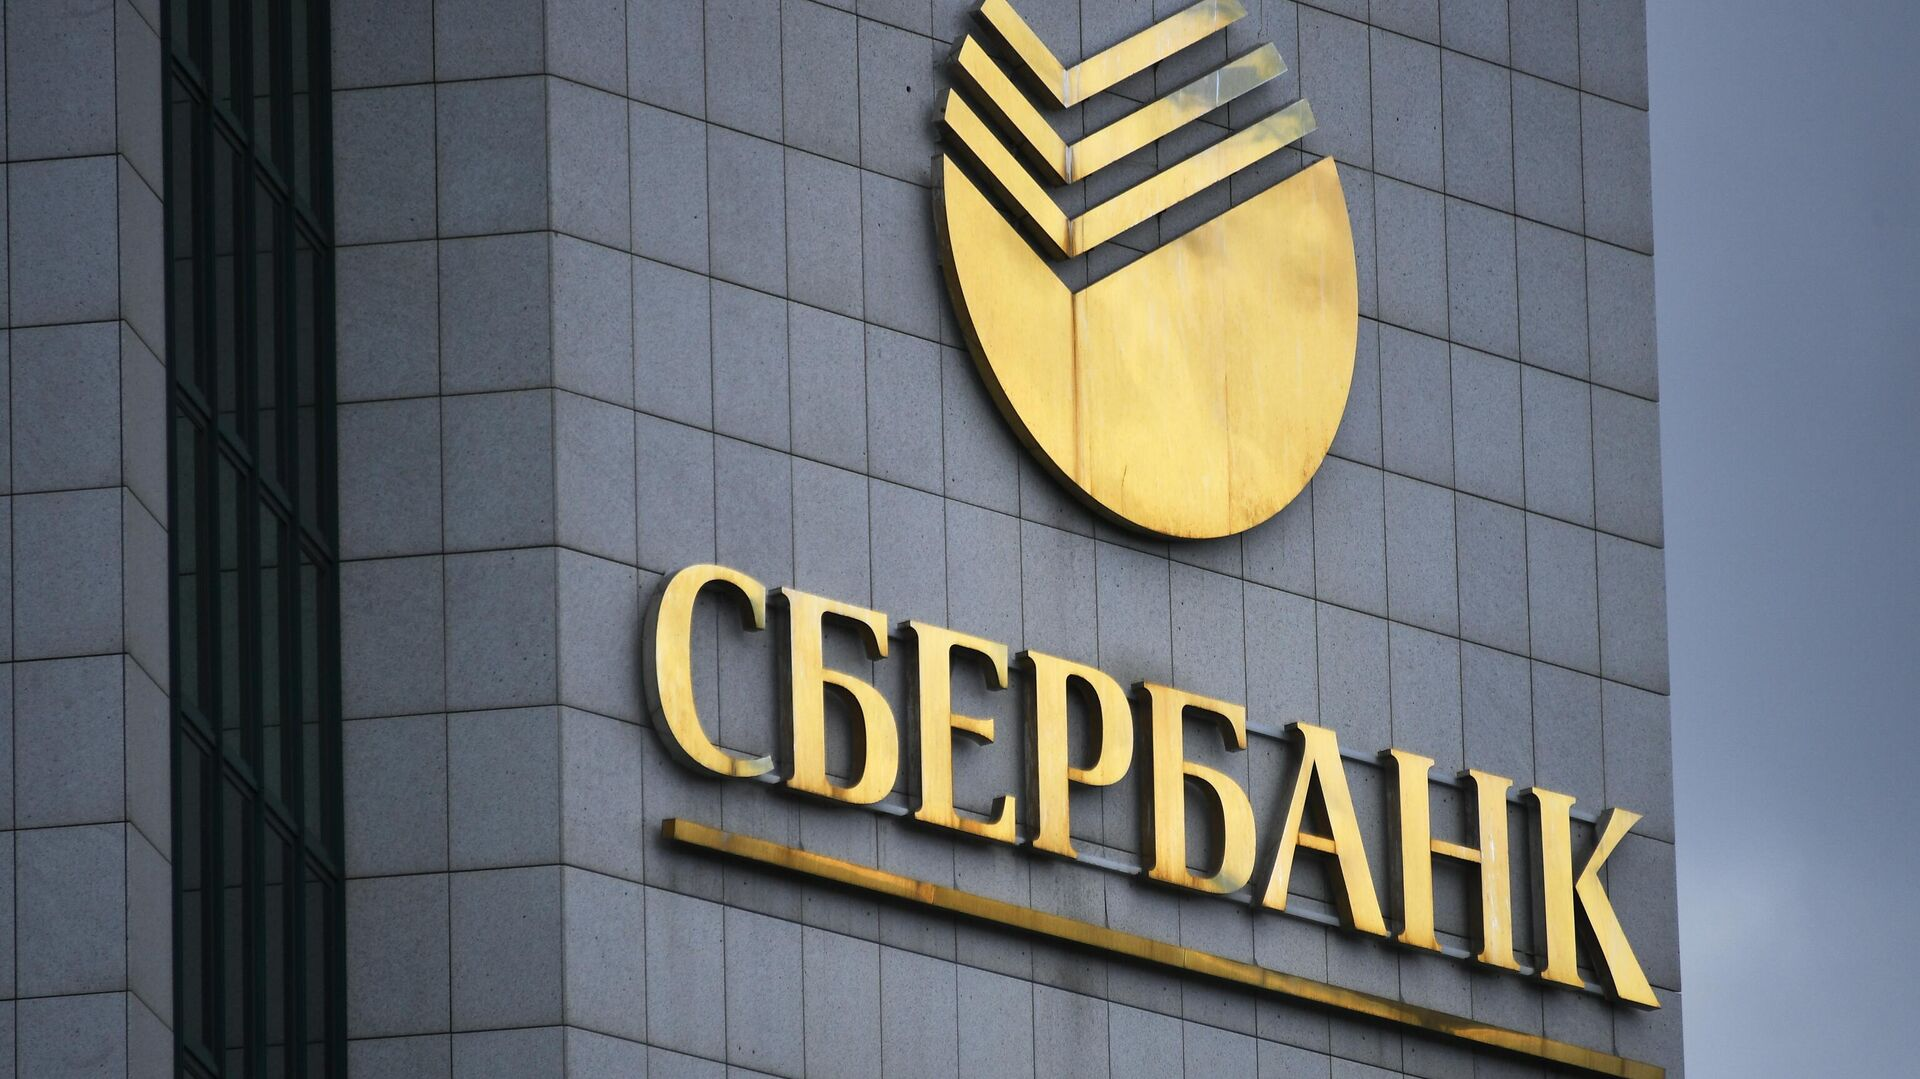 Логотип на главном здании Сбербанка на улице Вавилова в Москве - РИА Новости, 1920, 05.08.2020